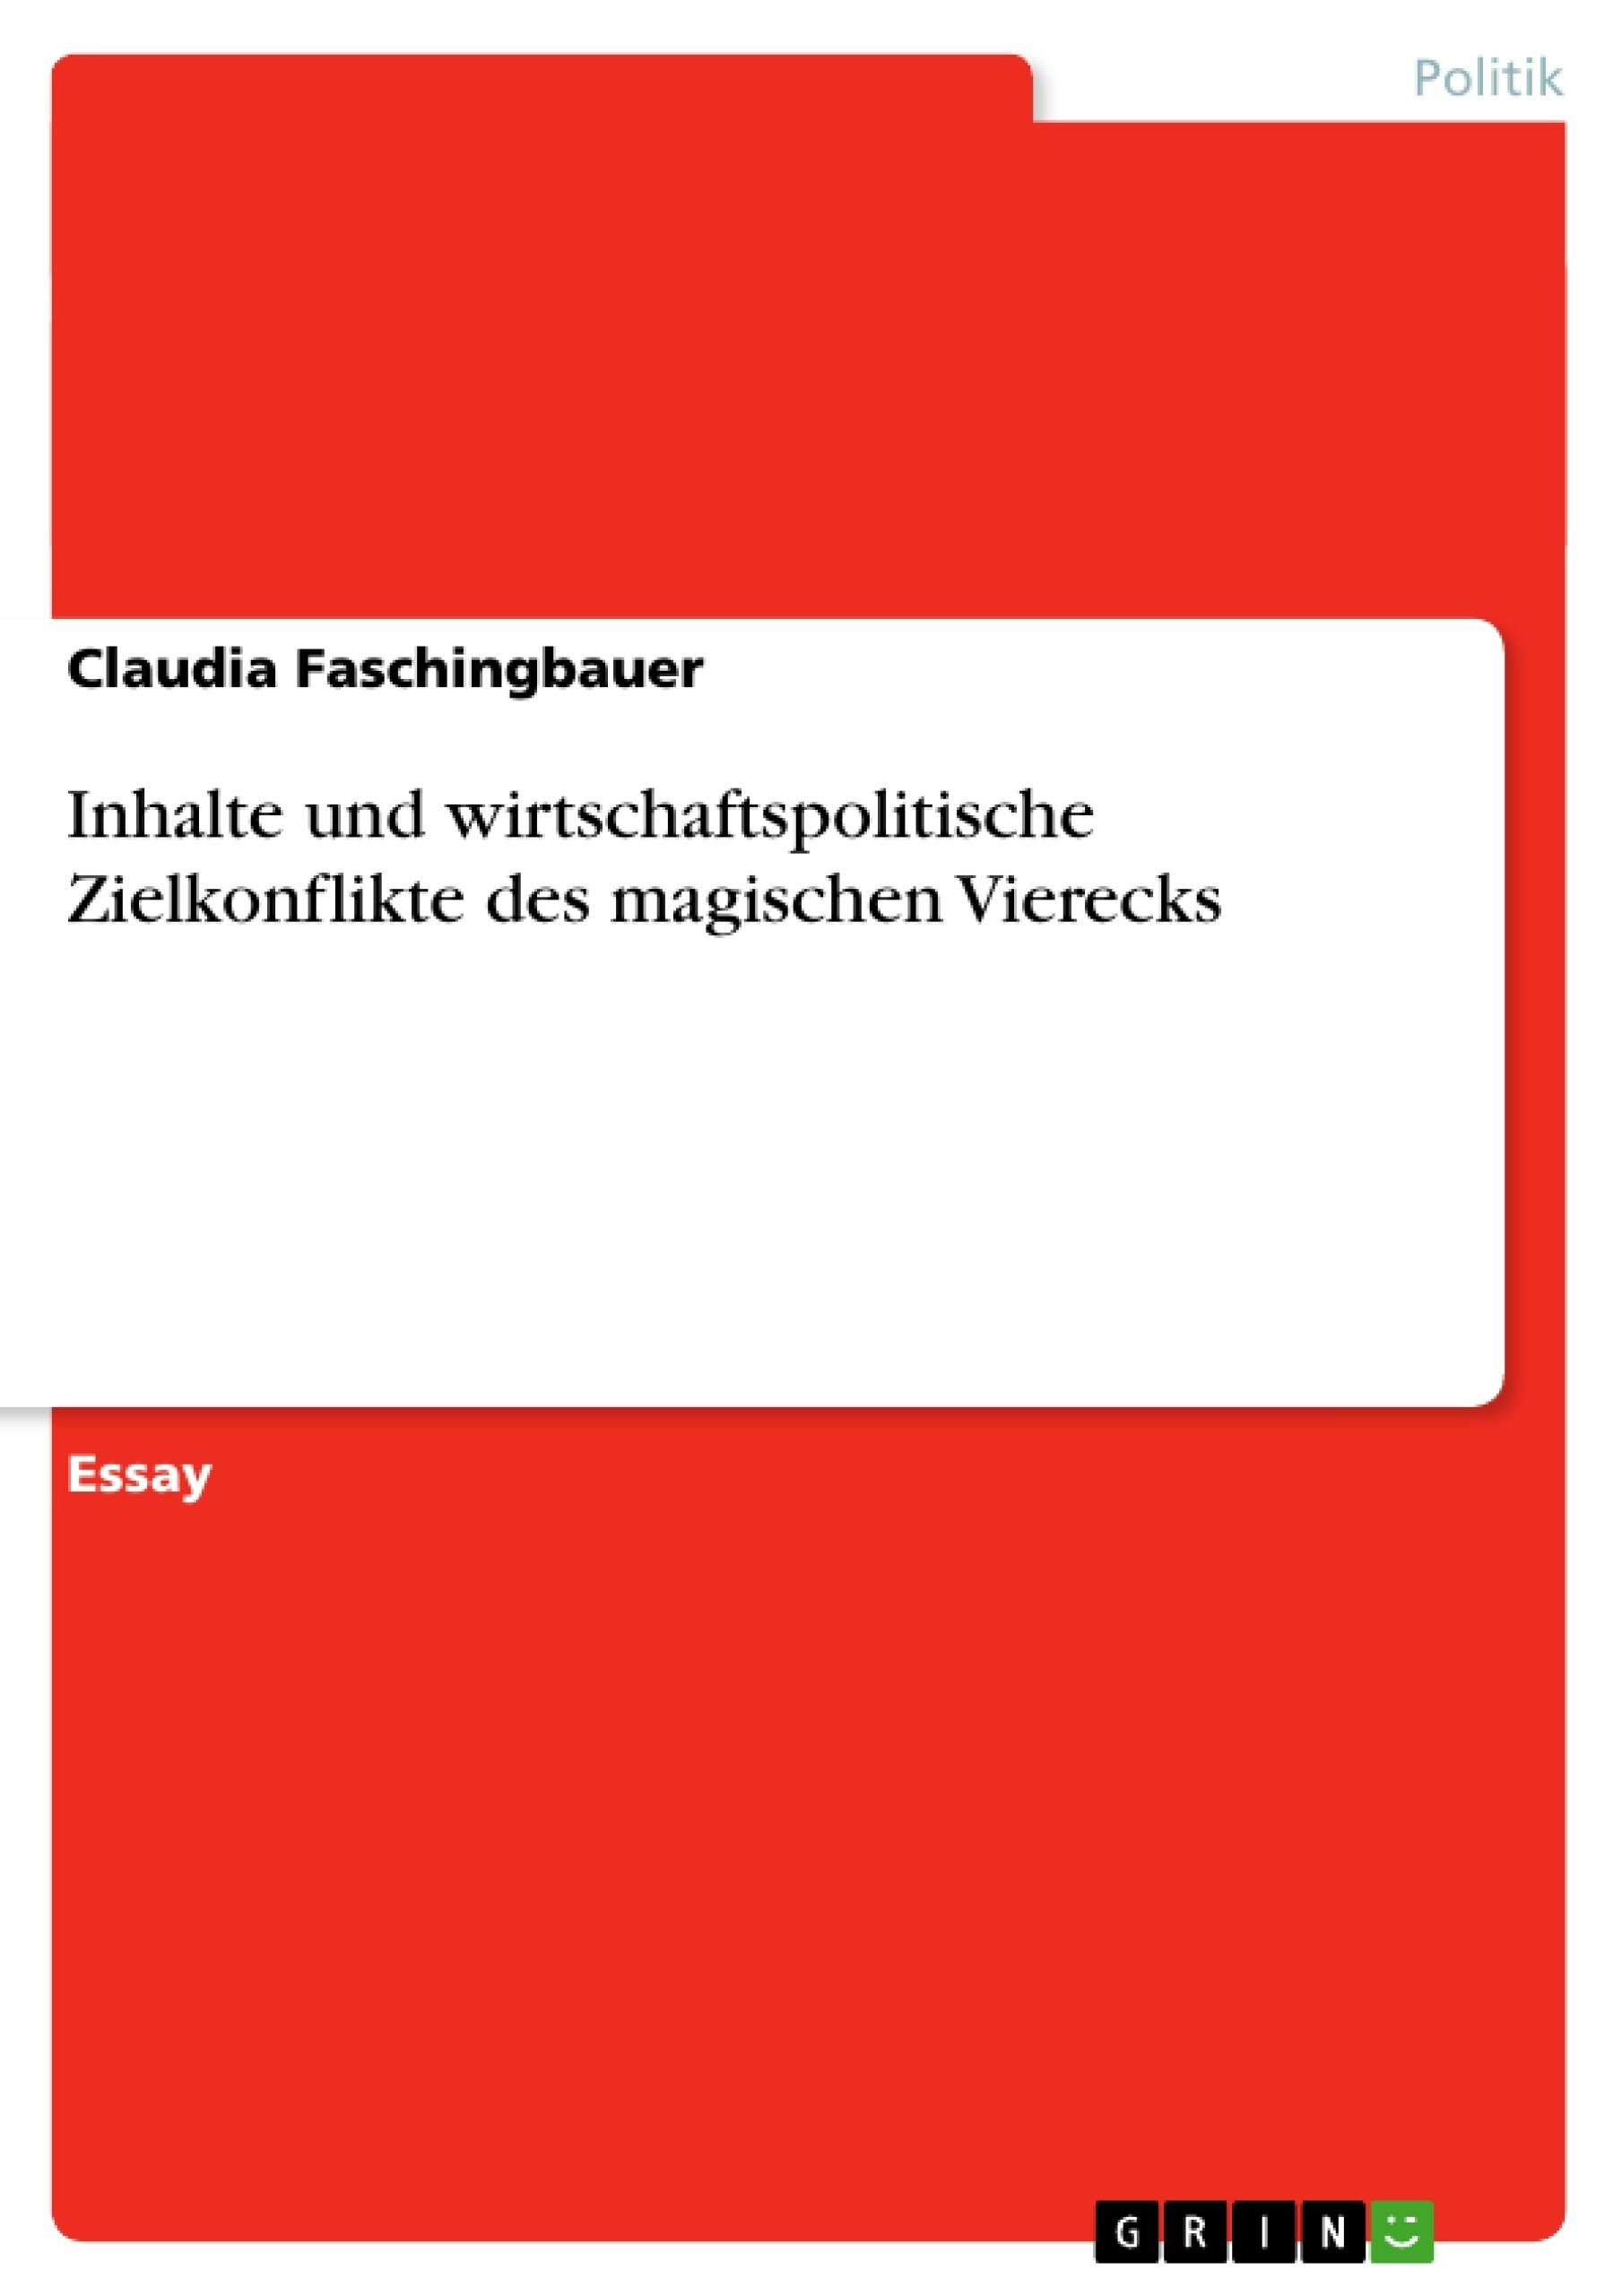 Titel: Inhalte und wirtschaftspolitische Zielkonflikte des magischen Vierecks